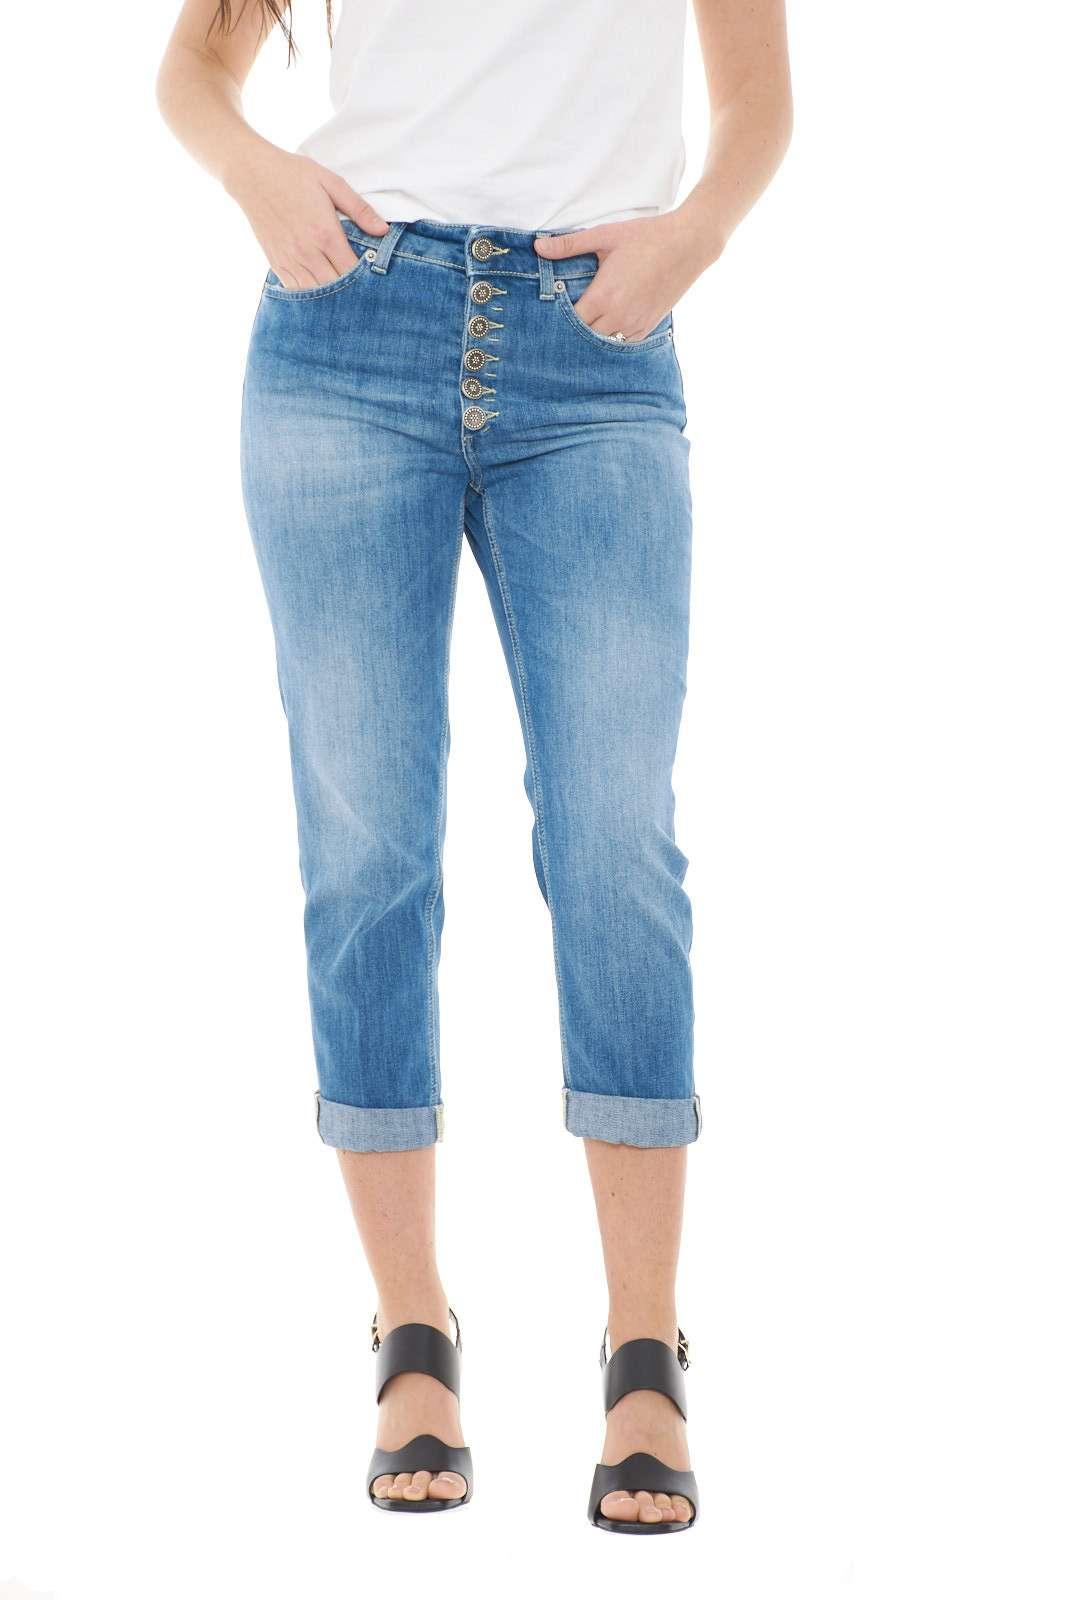 Lasciati affascinare dal nuovo jeans iconico Koons Gioiello firmato dalla collezione donna Dondup. Un tessuto con lavaggio medio dalla trendy vestibilità loose perfetto da abbinare con gli outfit più glamor. I bottoni gioiello ne impreziosiscono il look per un risultato unico.